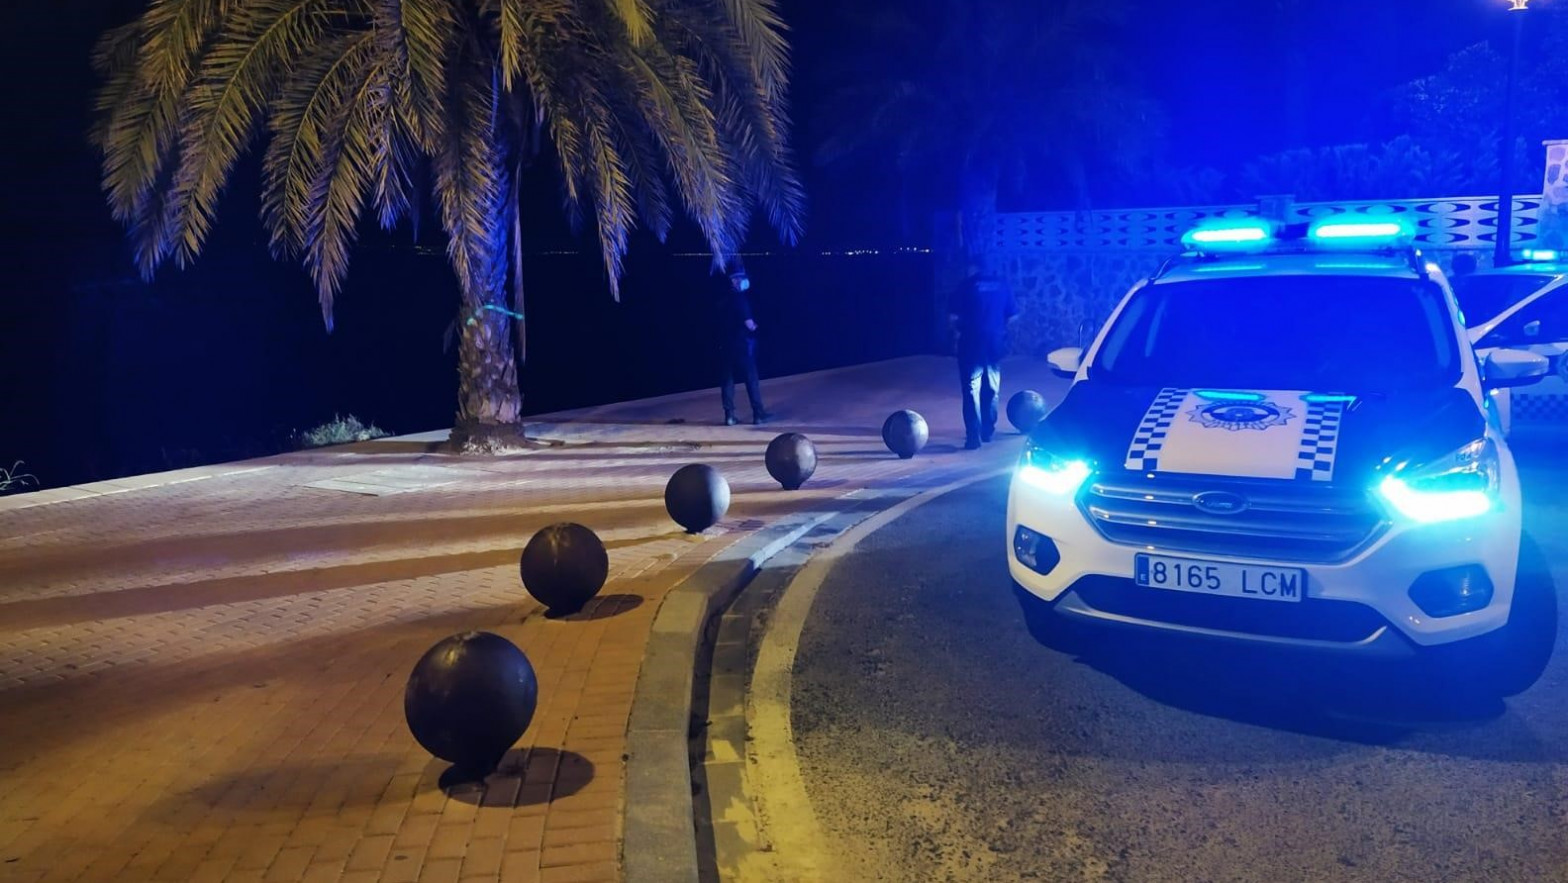 Desalojan a más de 100 jóvenes haciendo botellón en una playa de Alicante